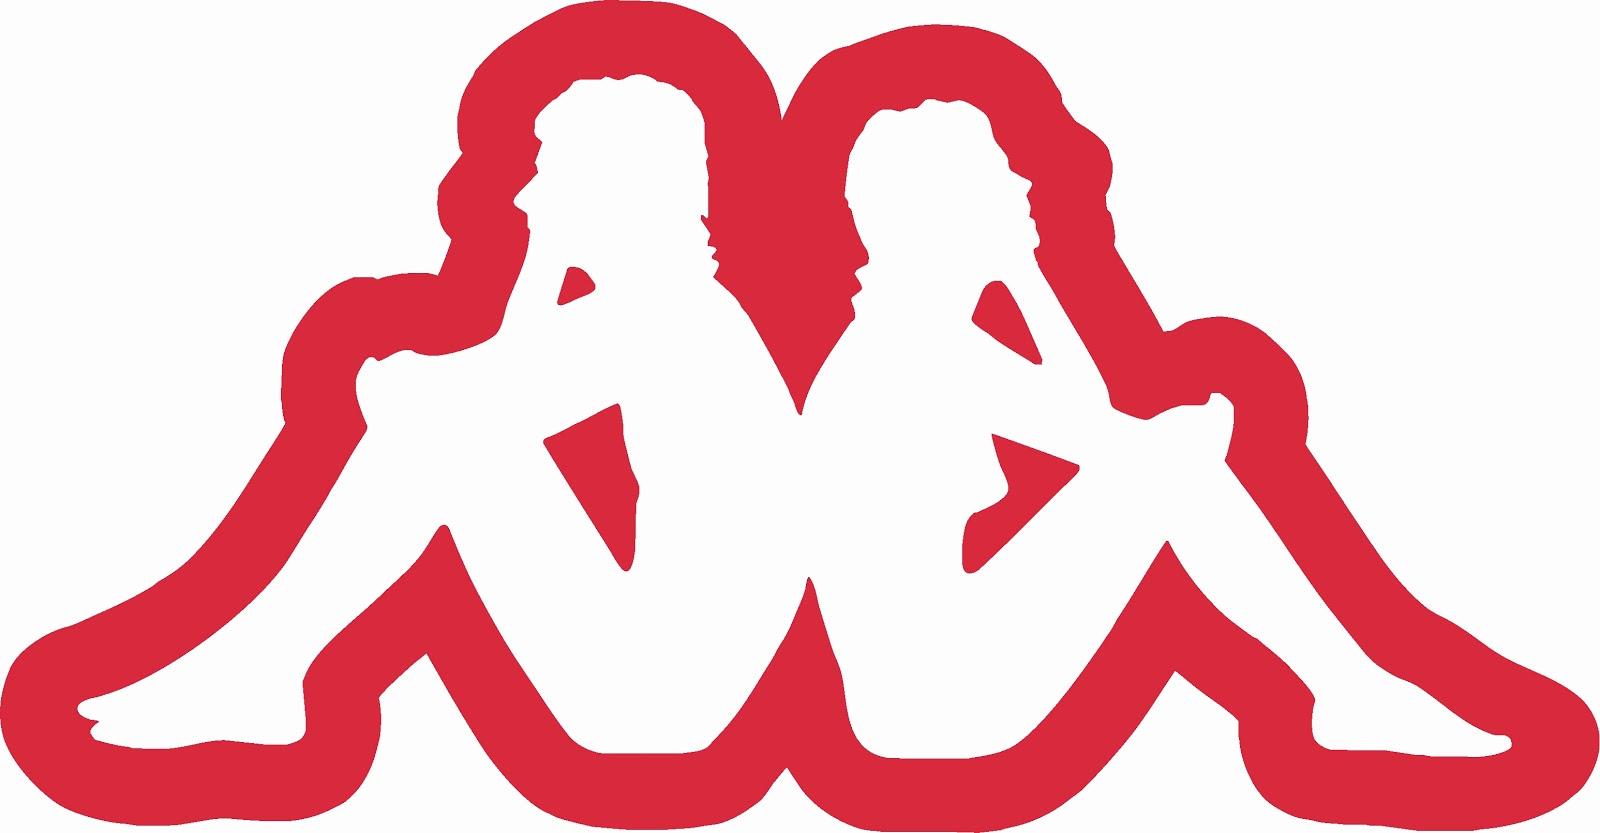 http://2.bp.blogspot.com/-eRHLYU-58v8/UNL68bMwjiI/AAAAAAAAATg/ZeFJJRaN5ko/s1600/Kappa+logo.JPG